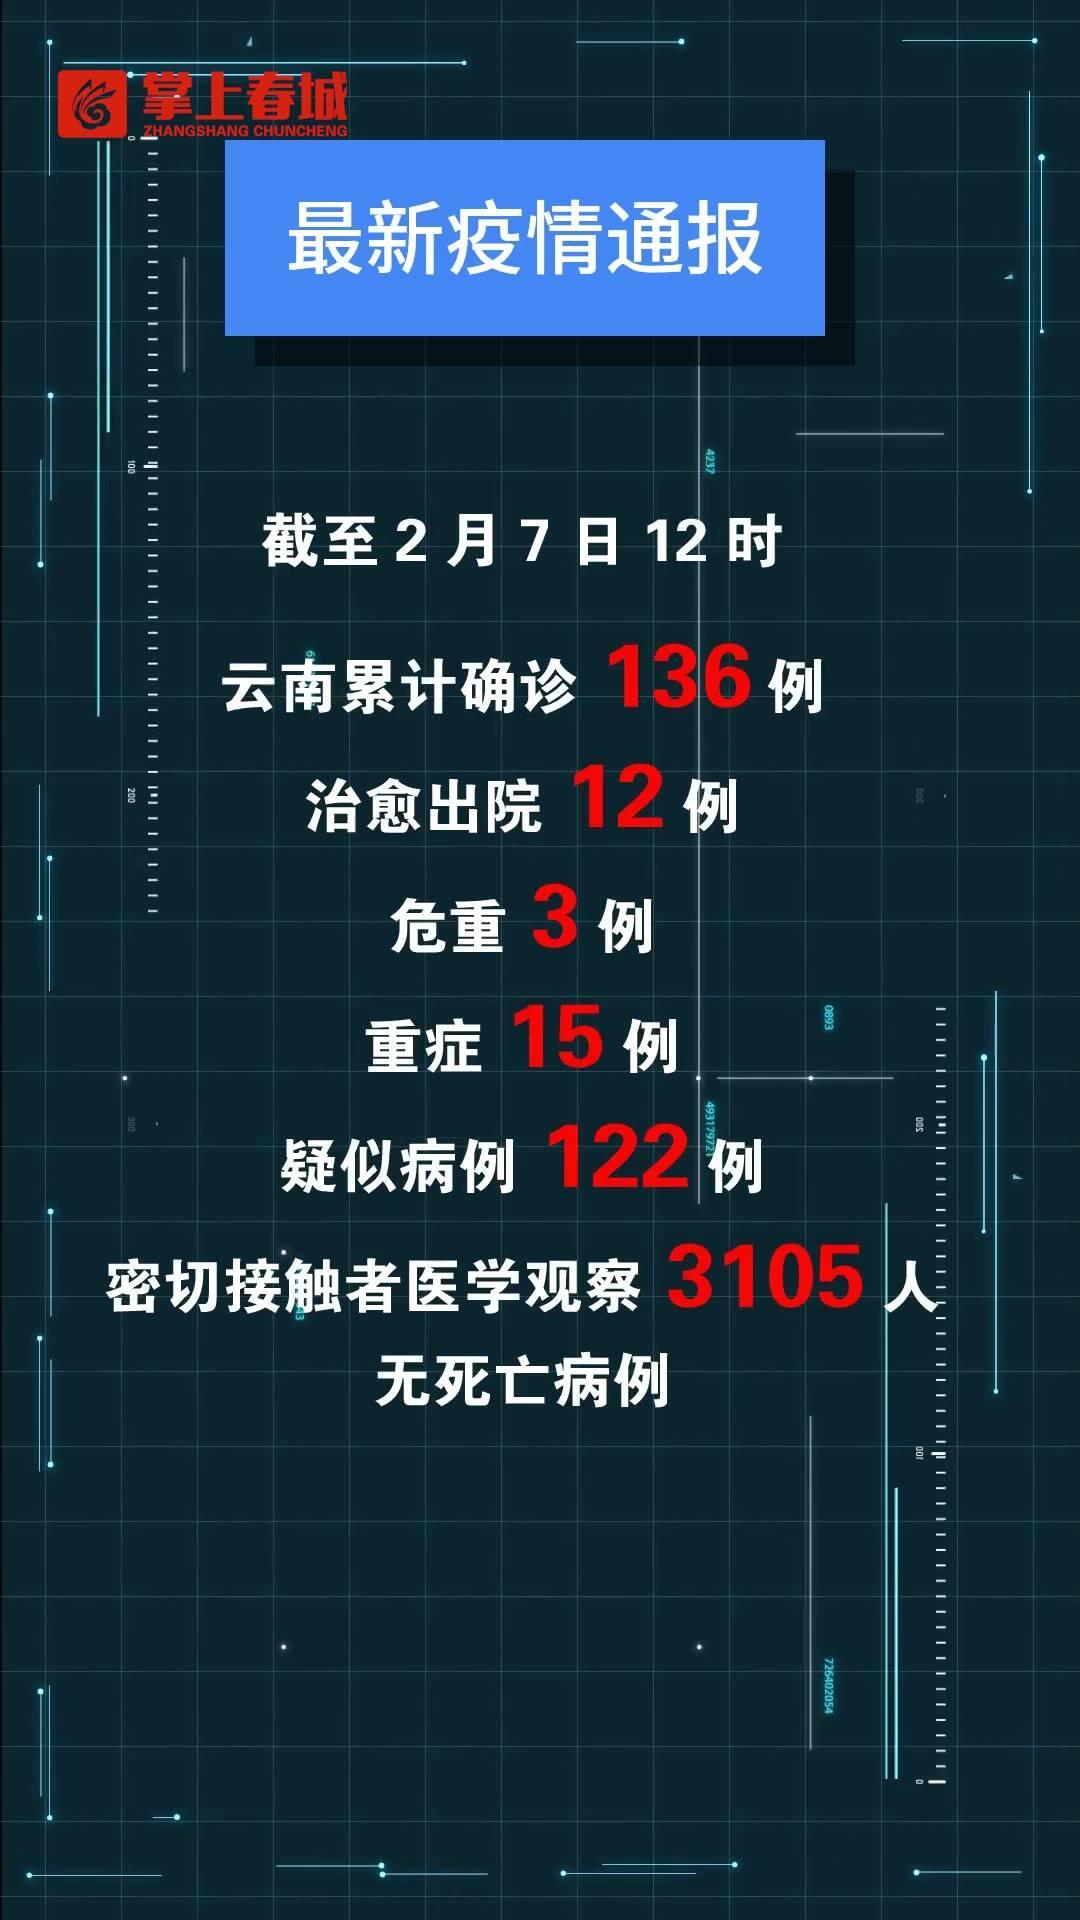 疫情速报|最新疫情!云南累计确诊病例136例,昆明41例